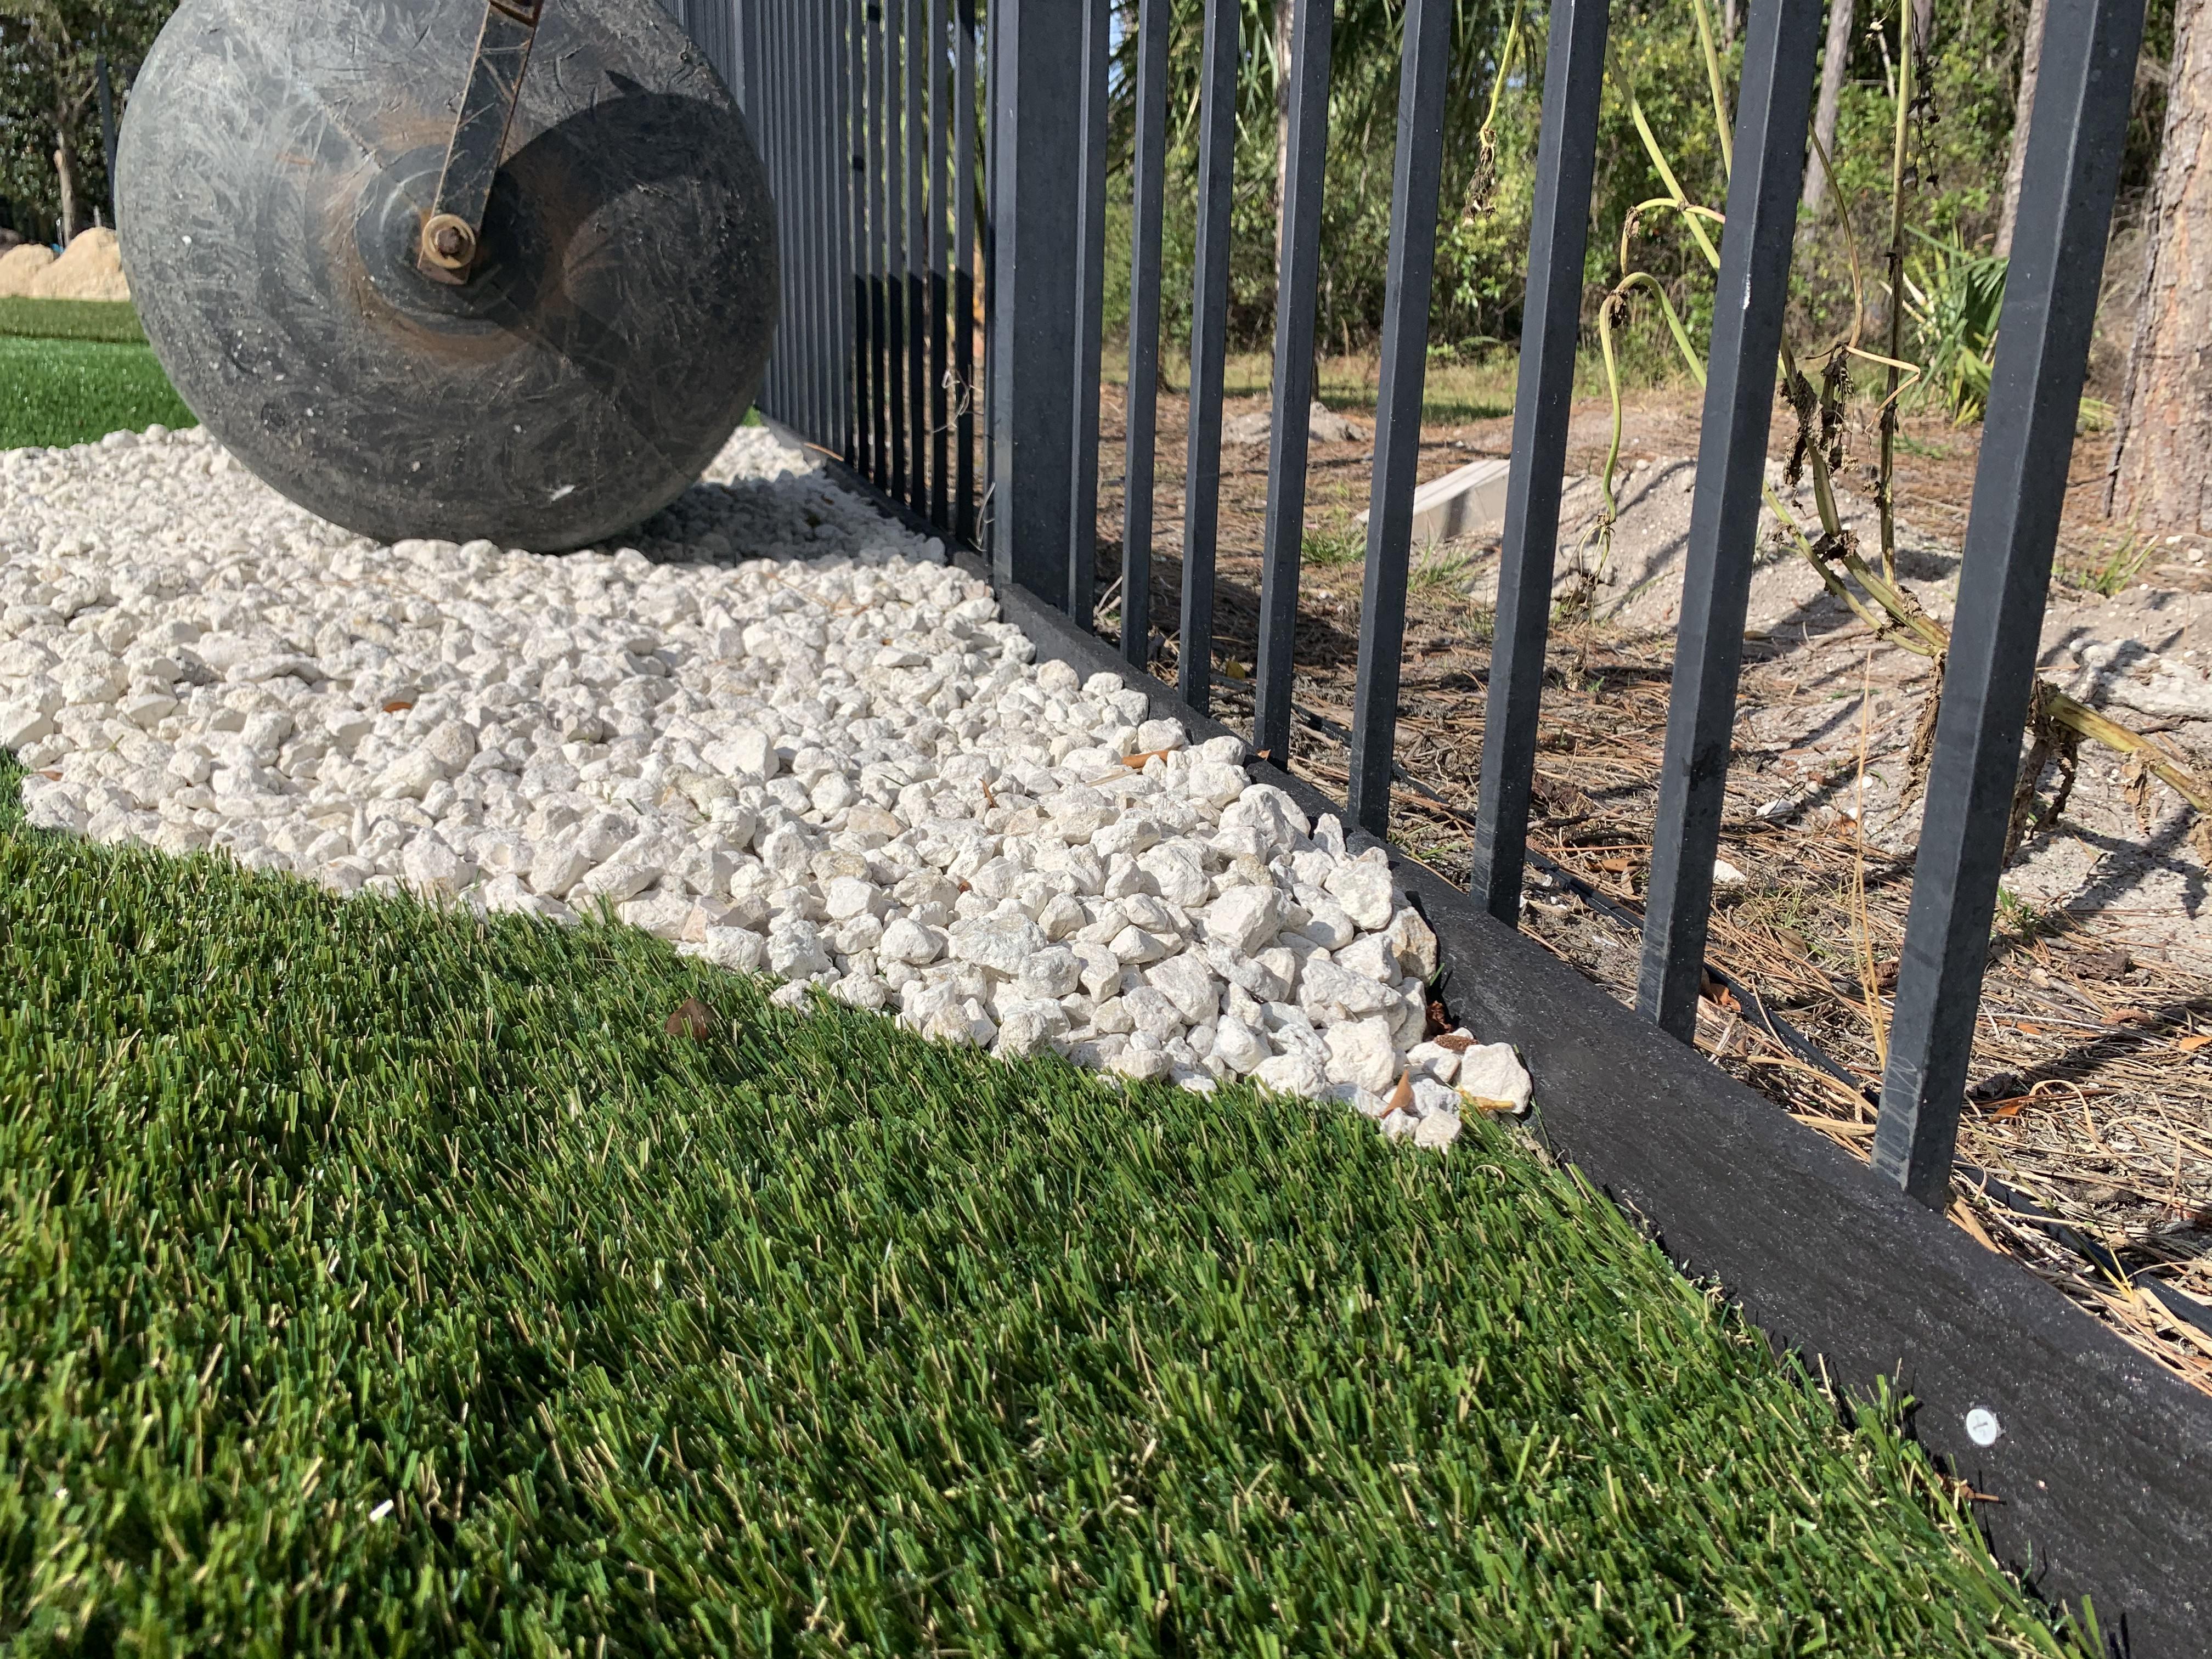 Olive-51 backyard turf,turf backyard,fake grass for backyard,fake grass backyard,artificial grass backyard,artificial turf,synthetic turf,artificial turf installation,how to install artificial turf,used artificial turf